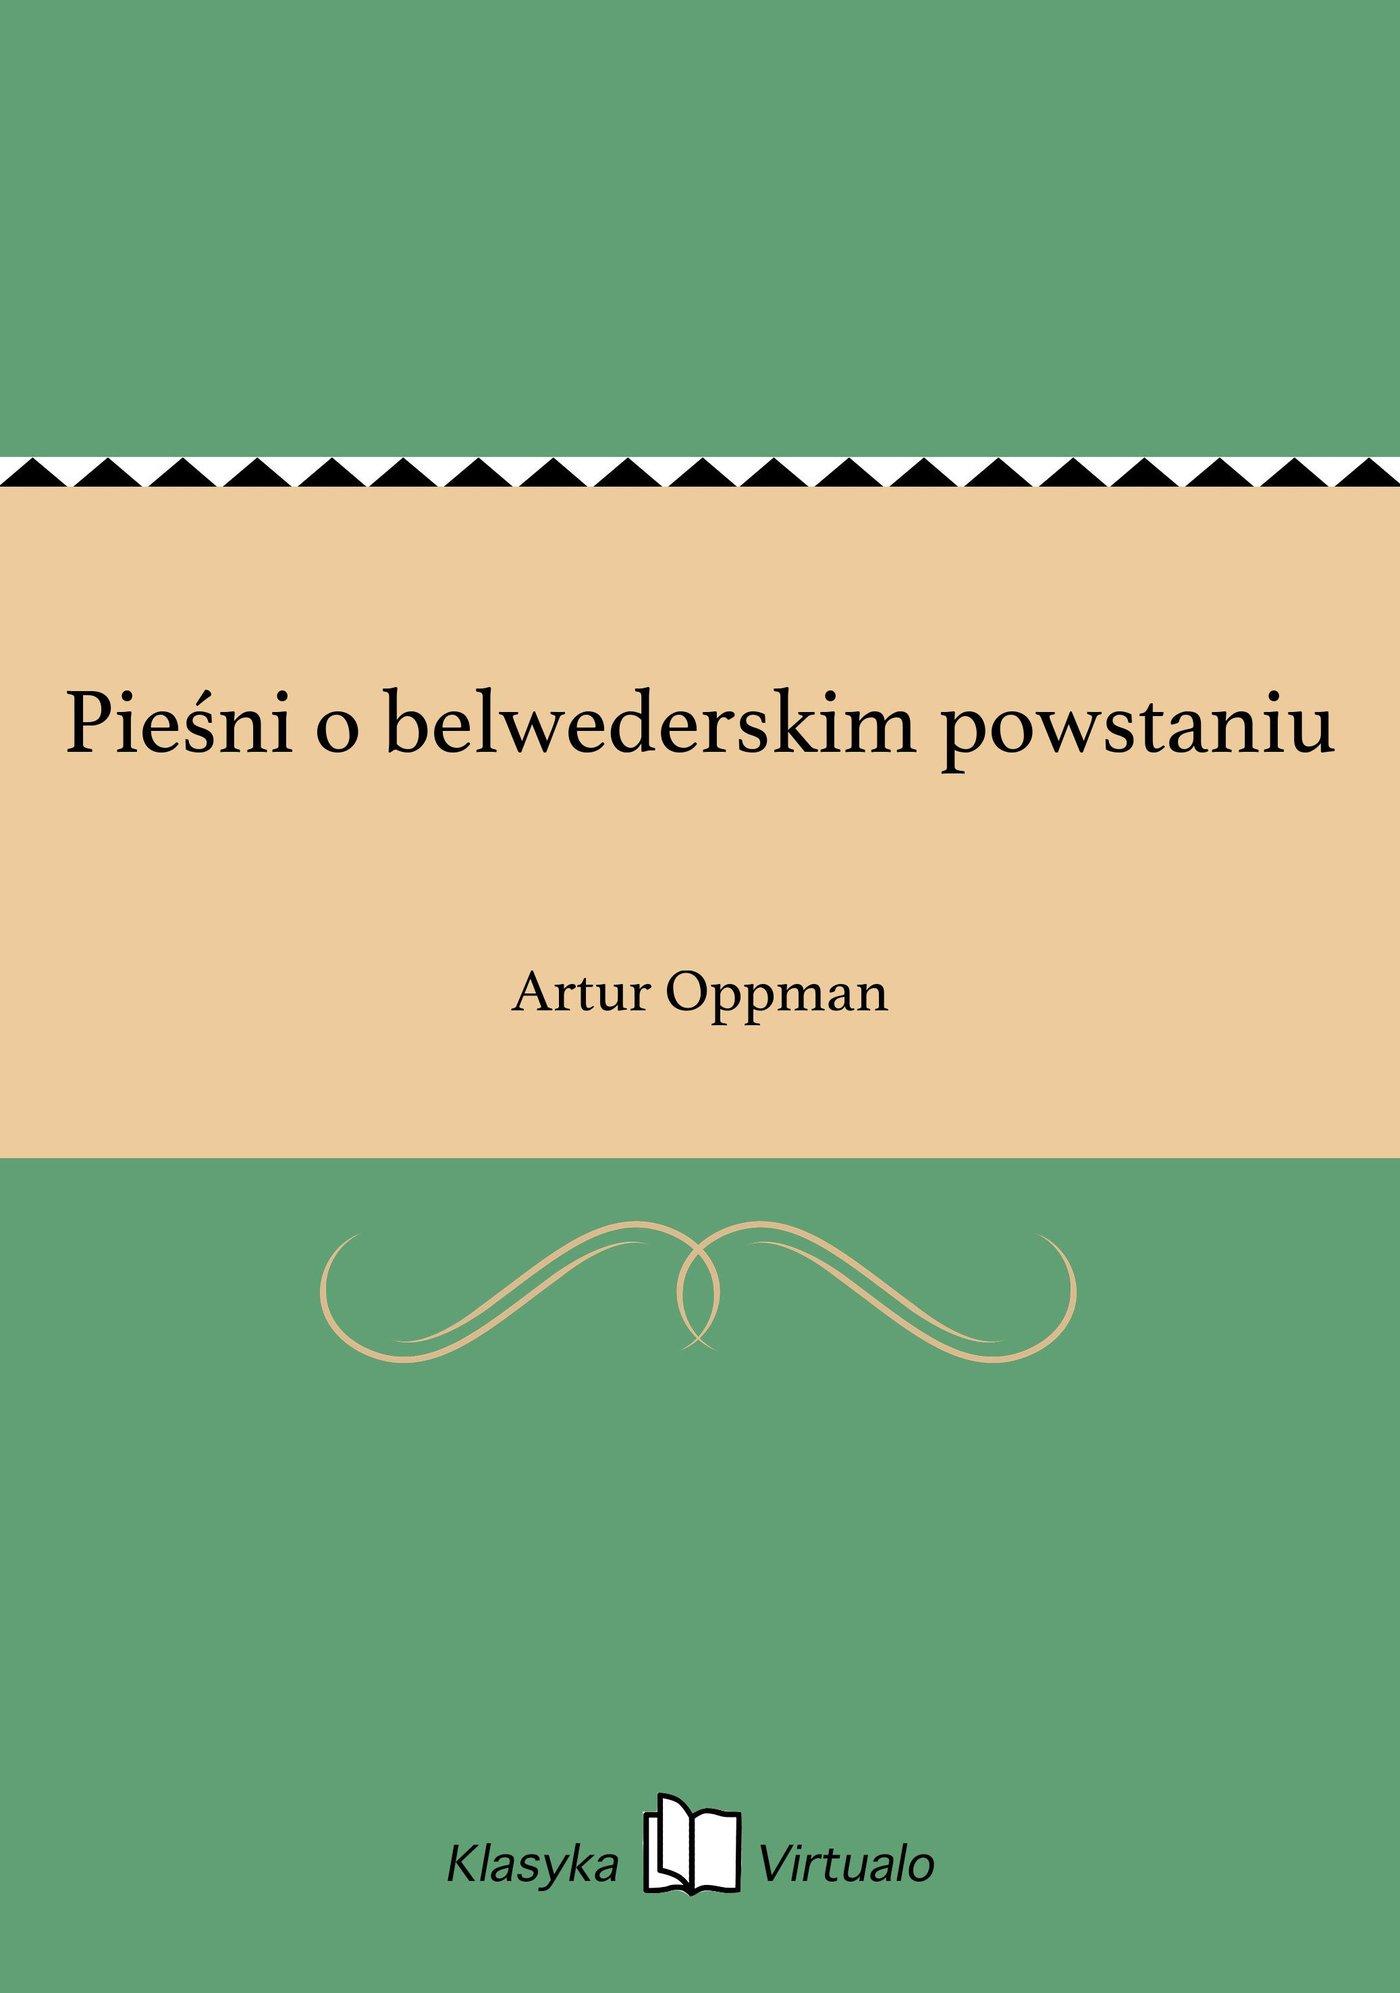 Pieśni o belwederskim powstaniu - Ebook (Książka na Kindle) do pobrania w formacie MOBI